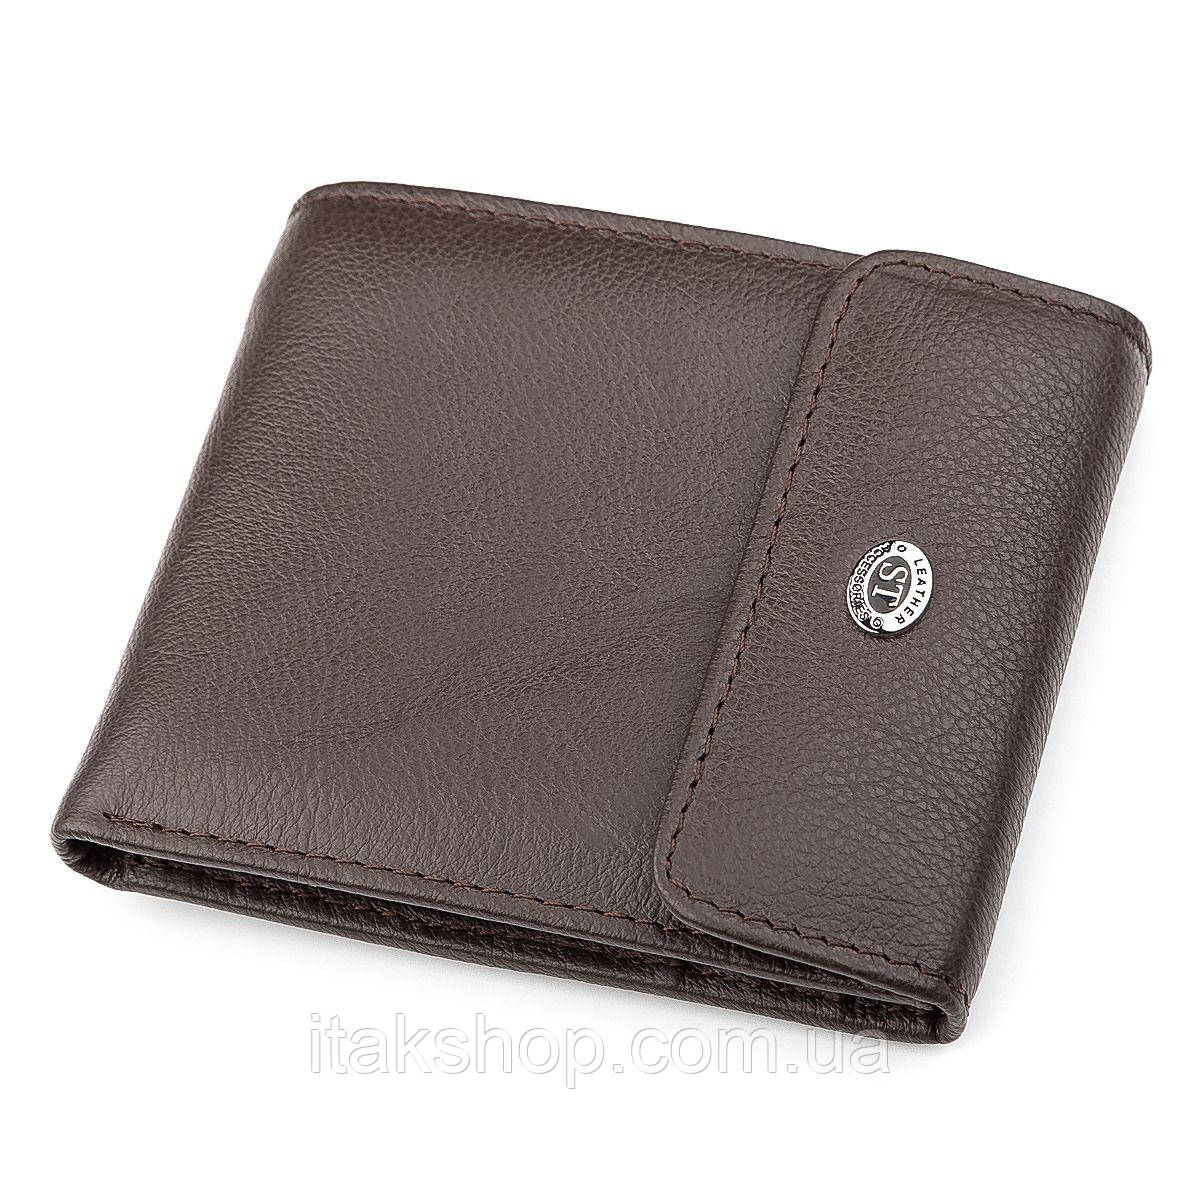 Кошелек ST Leather 18314 (ST155) натуральная кожа Коричневый, Коричневый